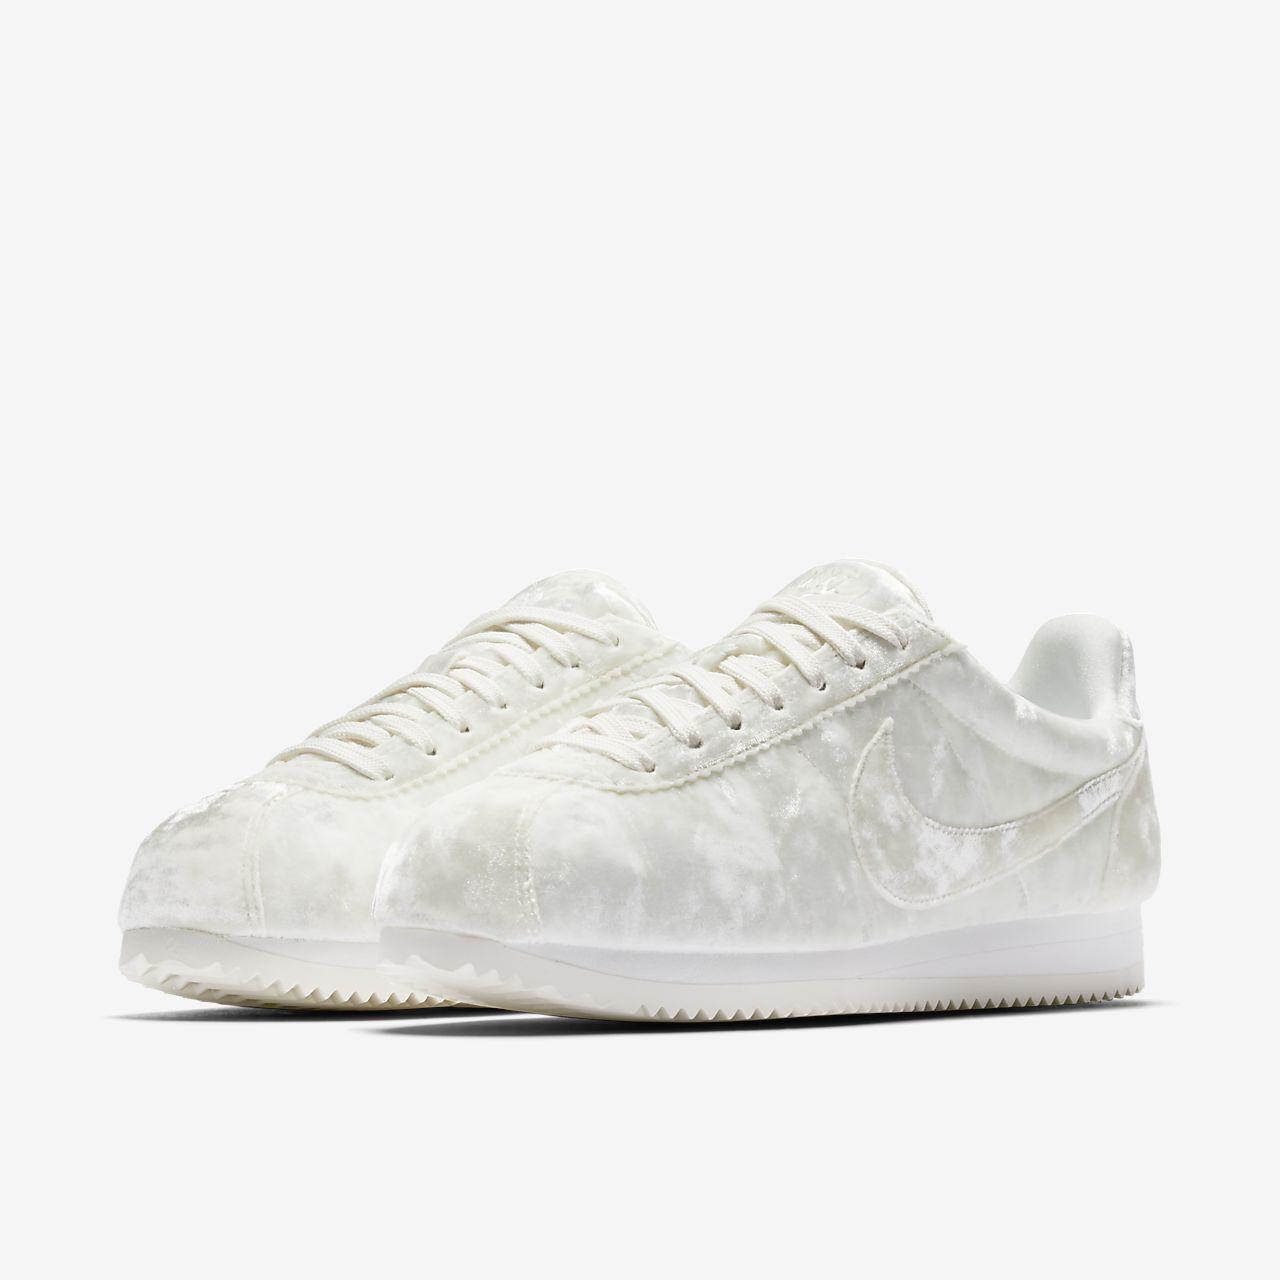 ... Nike Cortez Classic LX Women's Shoe